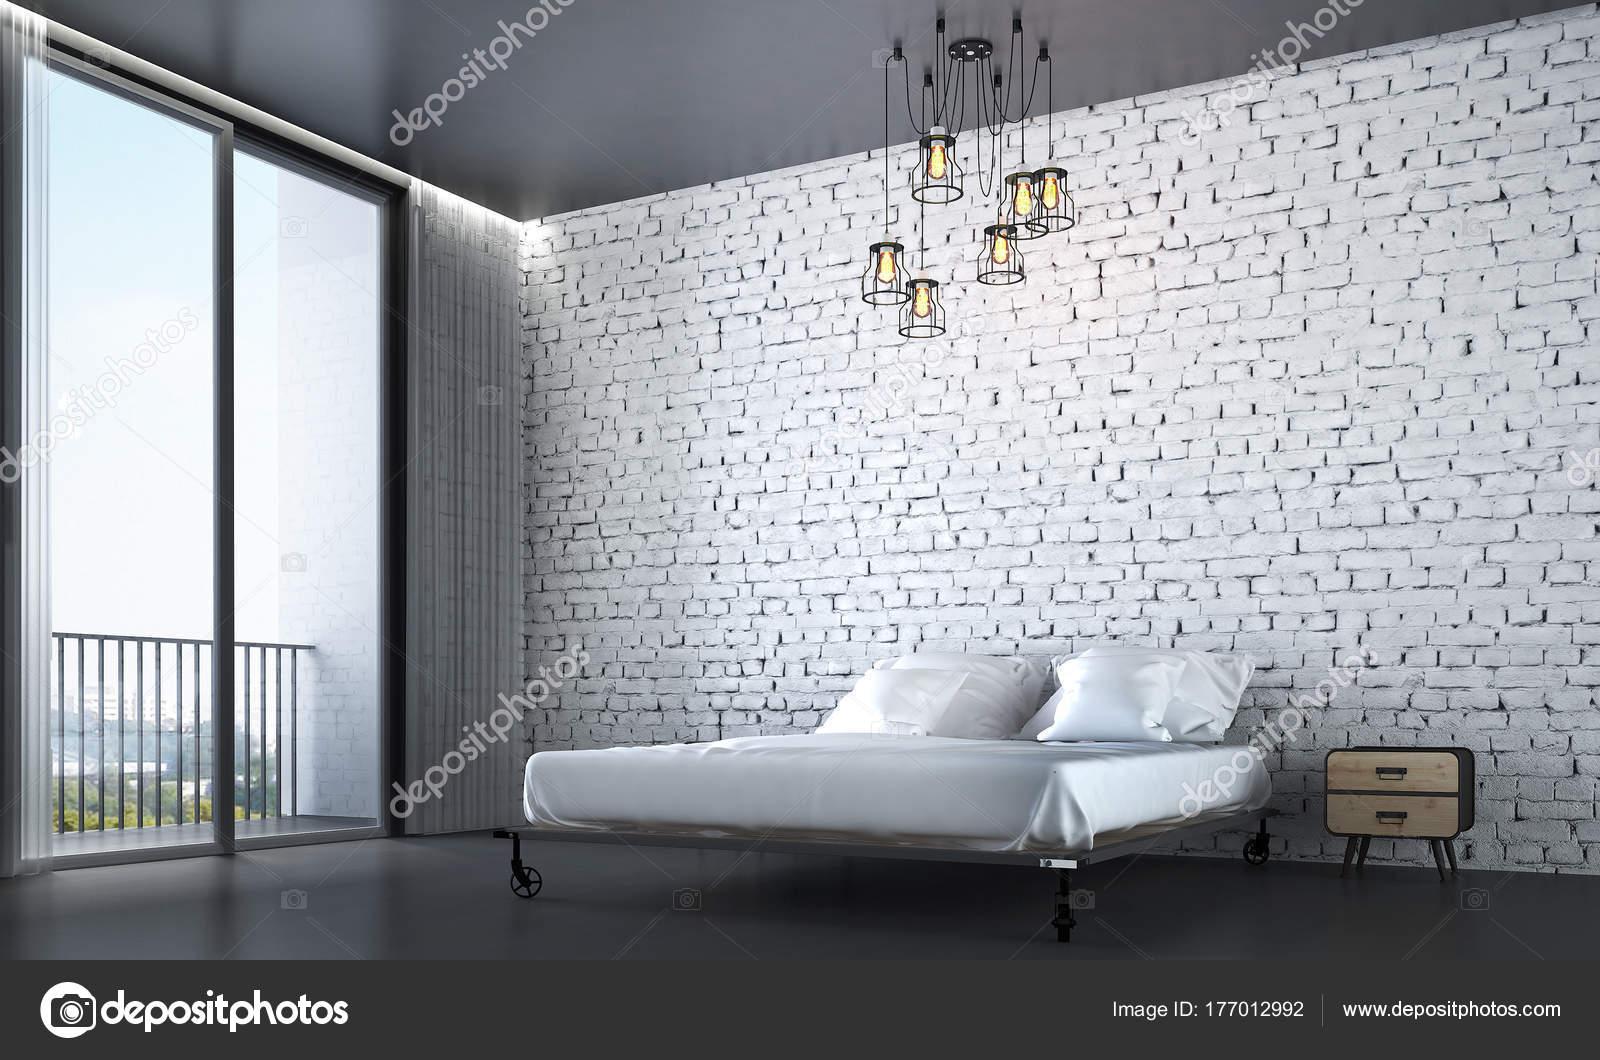 Décoration Des Chambres Moderne Mur Briques Blanches Fond Paysage Urbainu2013  Images De Stock Libres De Droits